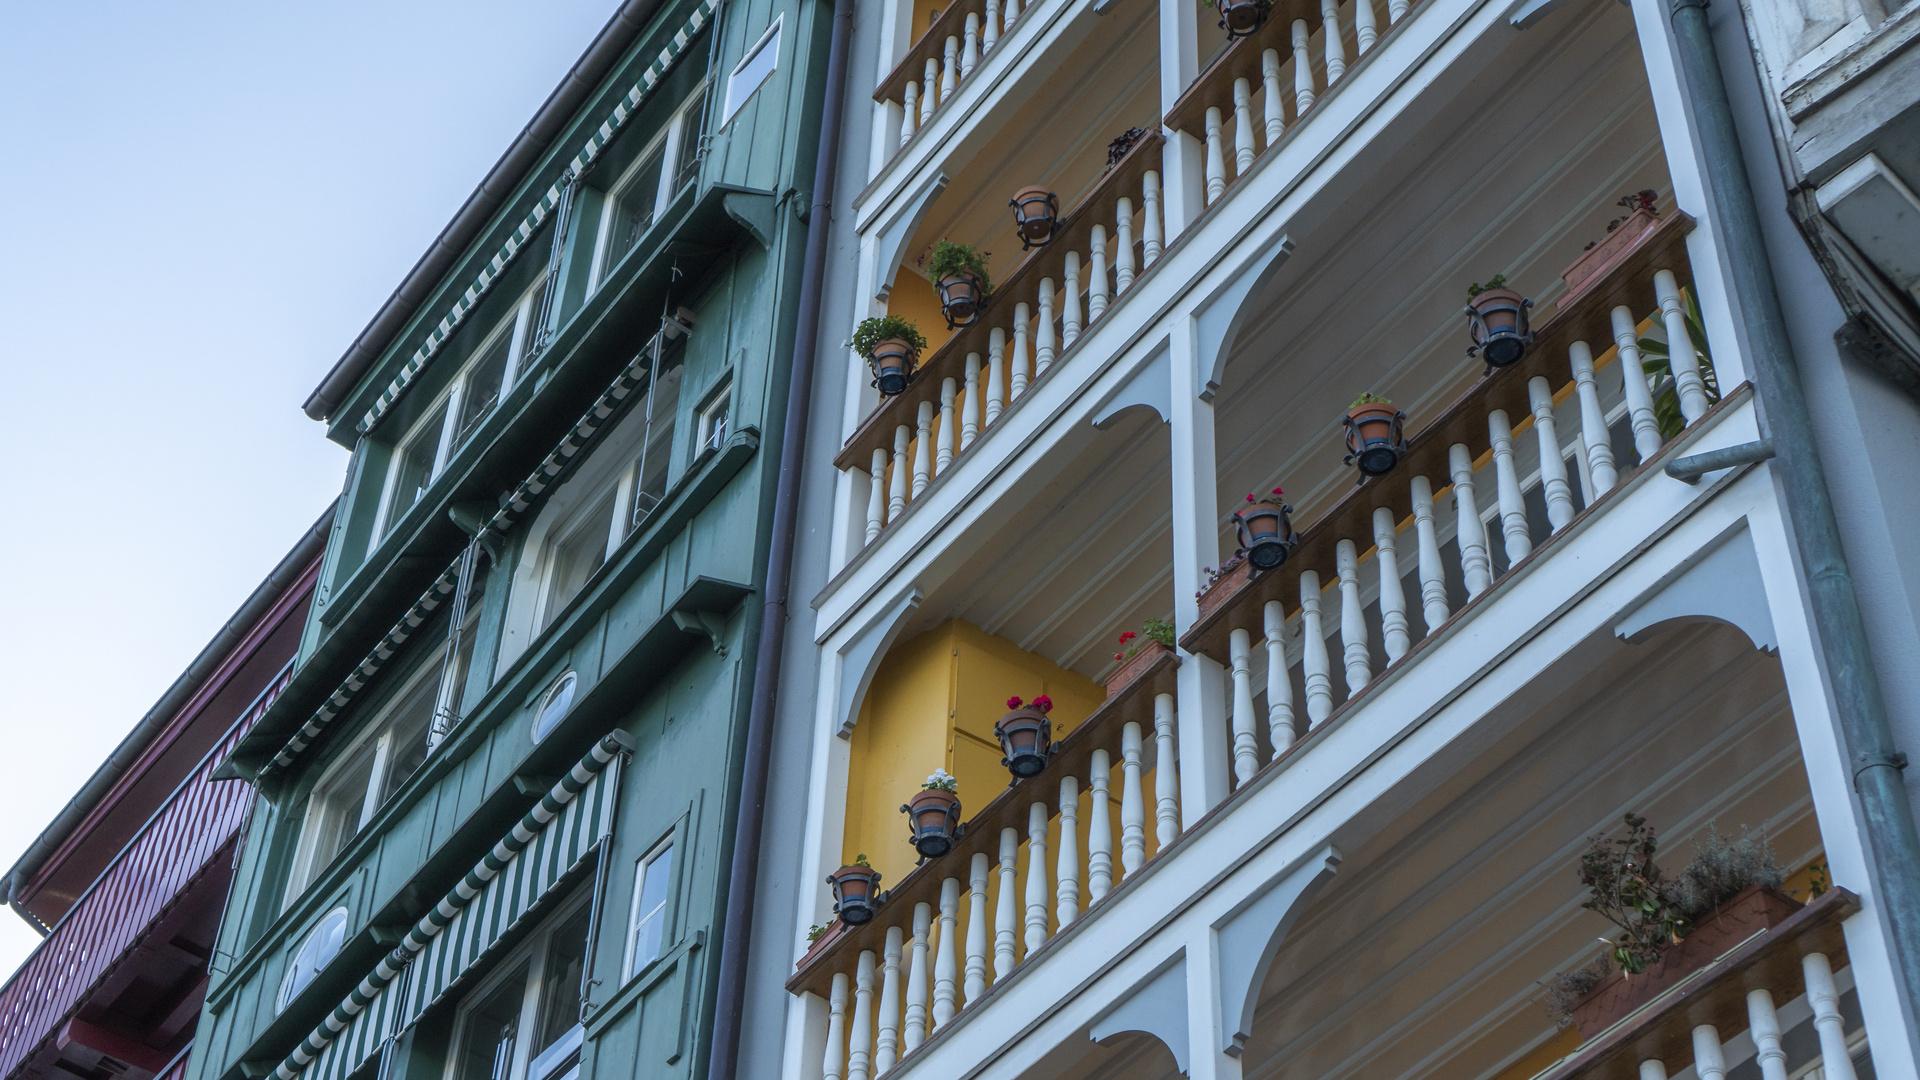 Farben am Rheinbord